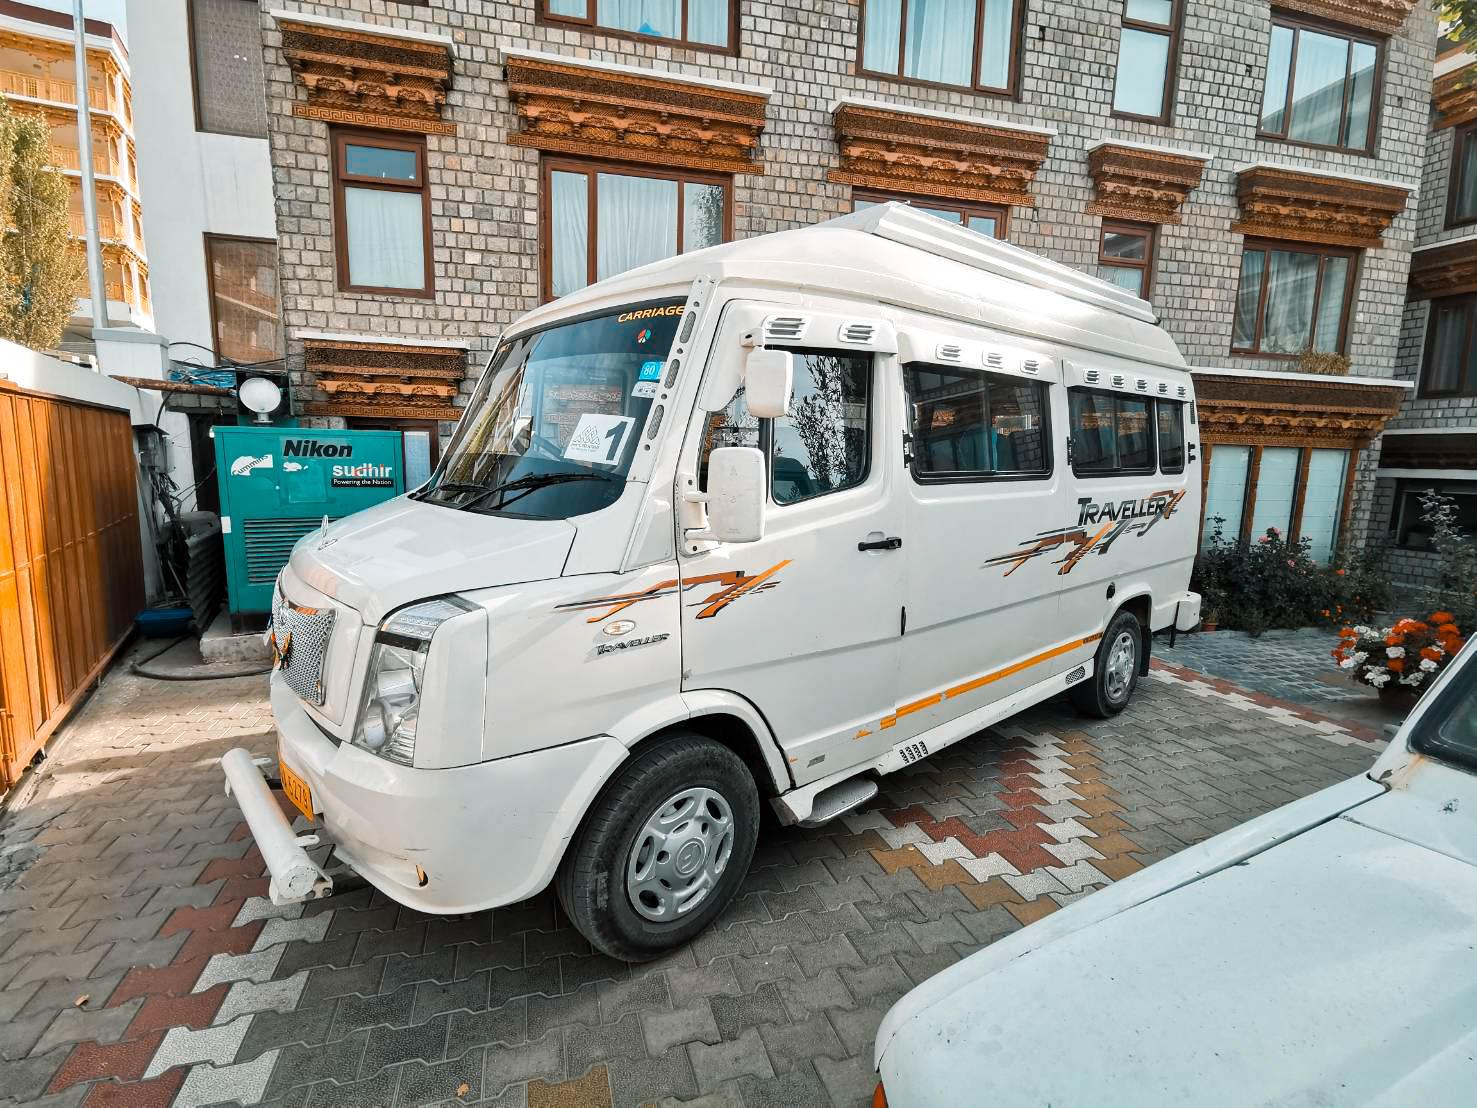 รถแวนเทมโป้ ทัวร์เลห์ ลาดักห์ เที่ยวเลห์ ลาดักห์ Leh Ladakh Tour leh ladakh